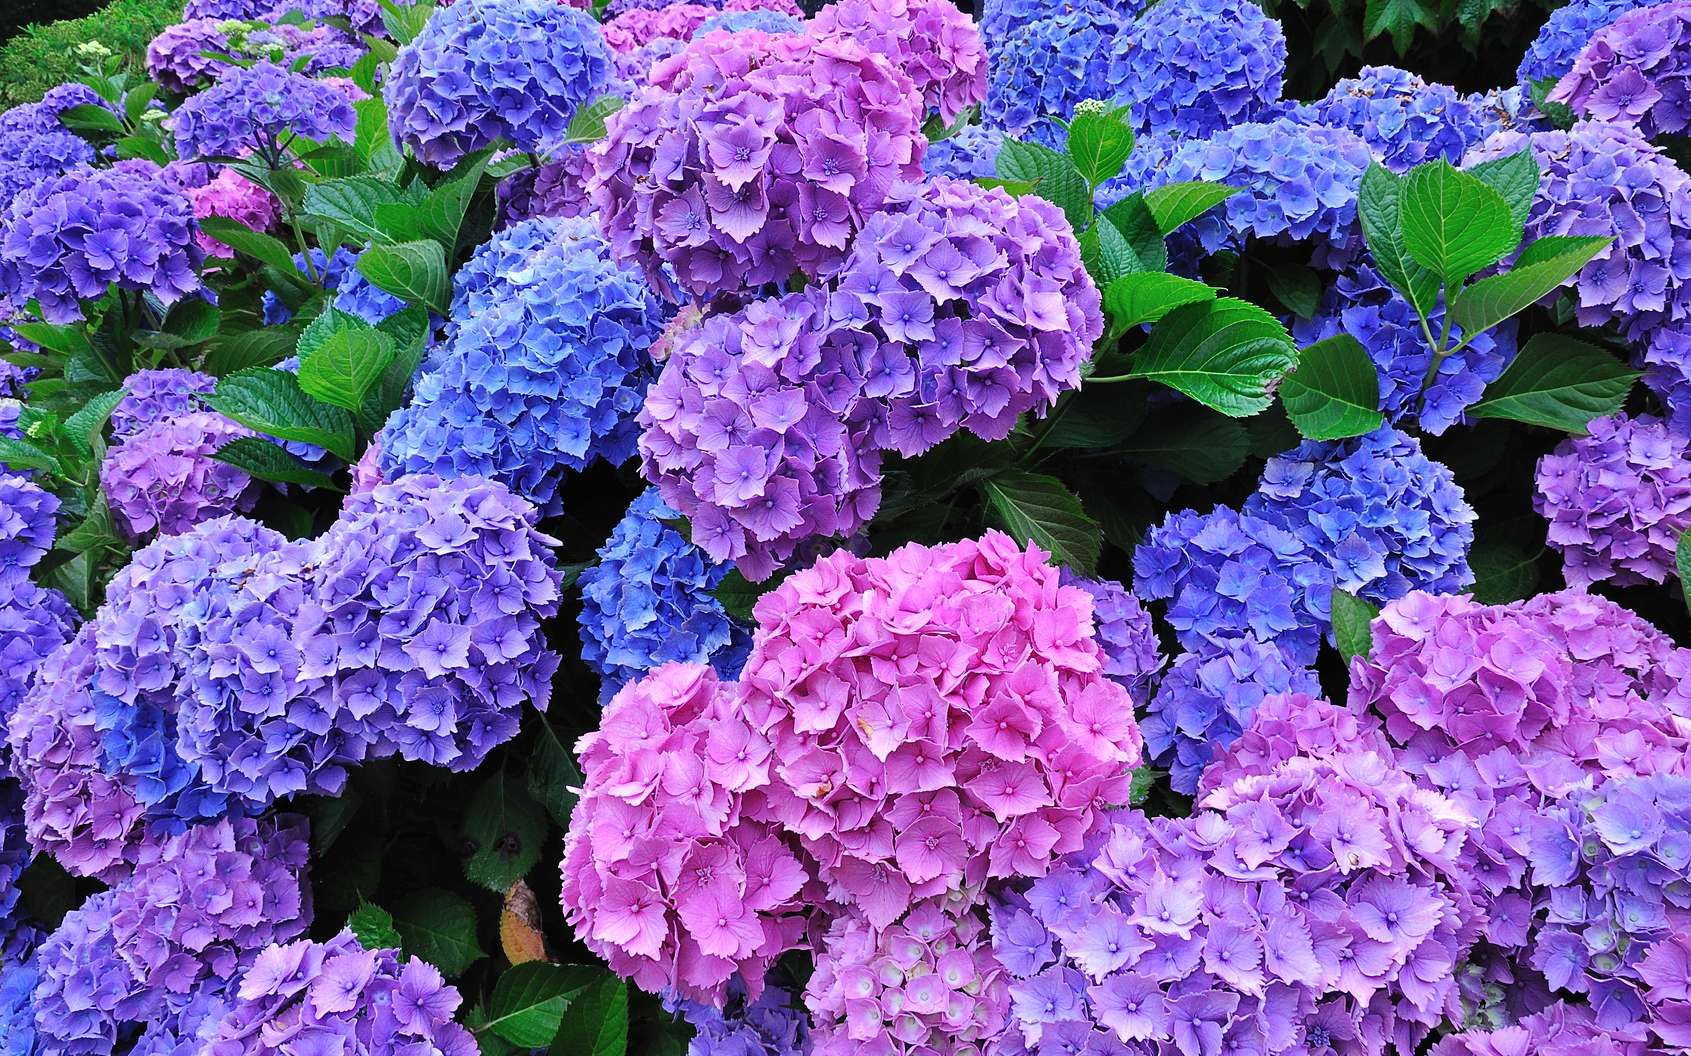 L'hortensia (Hydrangea) arbore des boules de fleurs allant du rose au bleu et au violet. Cet arbuste existe aussi en coloris blanc et en rouge. © Aquaphoto, Fotolia